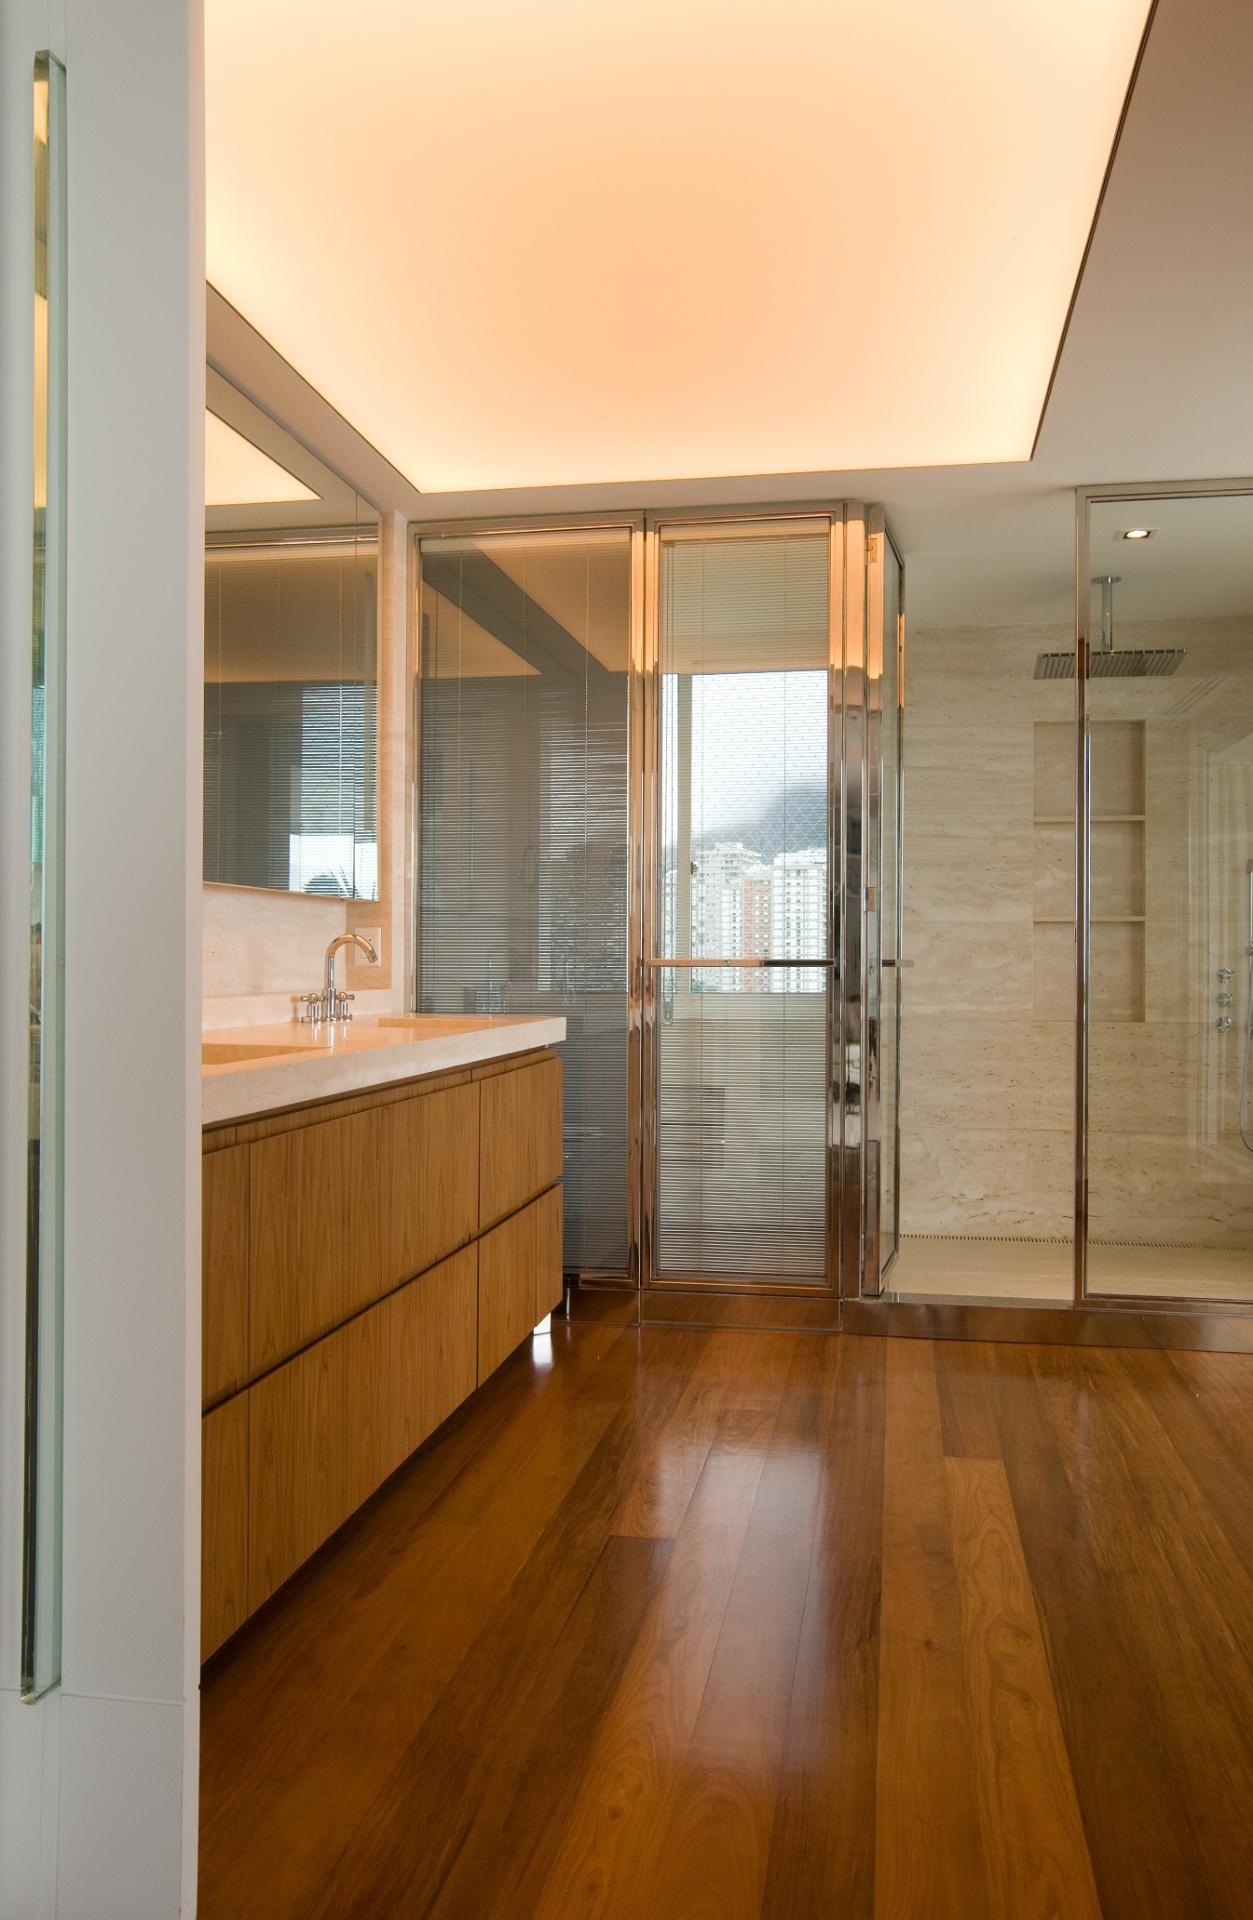 A área de banho da suíte do casal é ampla, com madeira predominante no revestimento da bancada e do piso. O projeto de reforma e interiores, assinado pela arquiteta Izabela Lessa, interligou dois apartamentos transformando-os em um dúplex, de 600 m², localizado em São Conrado (RJ)